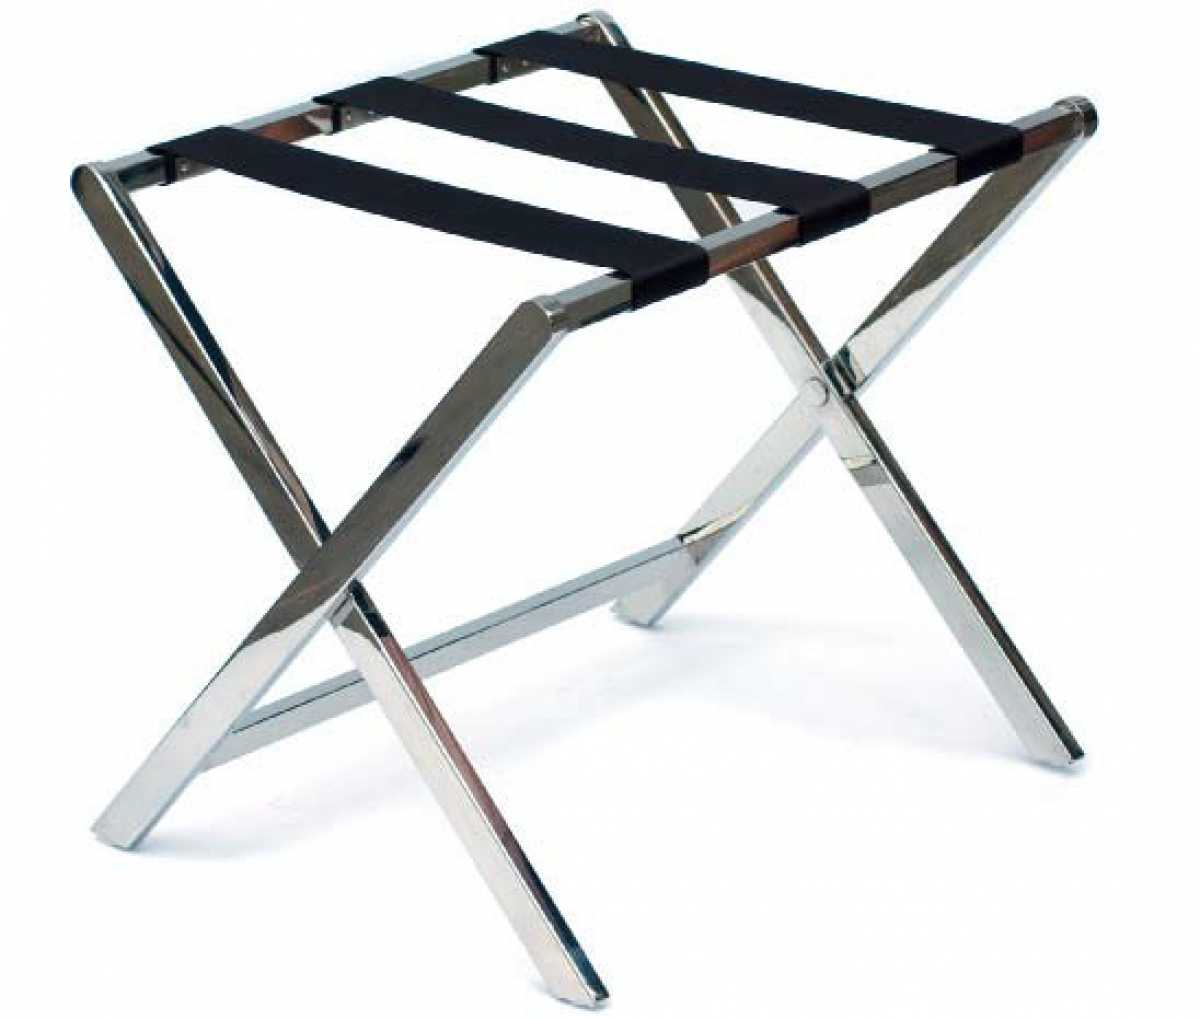 CRASTER Paslanmaz Çelik Arkalıksız Bavul Sehpası